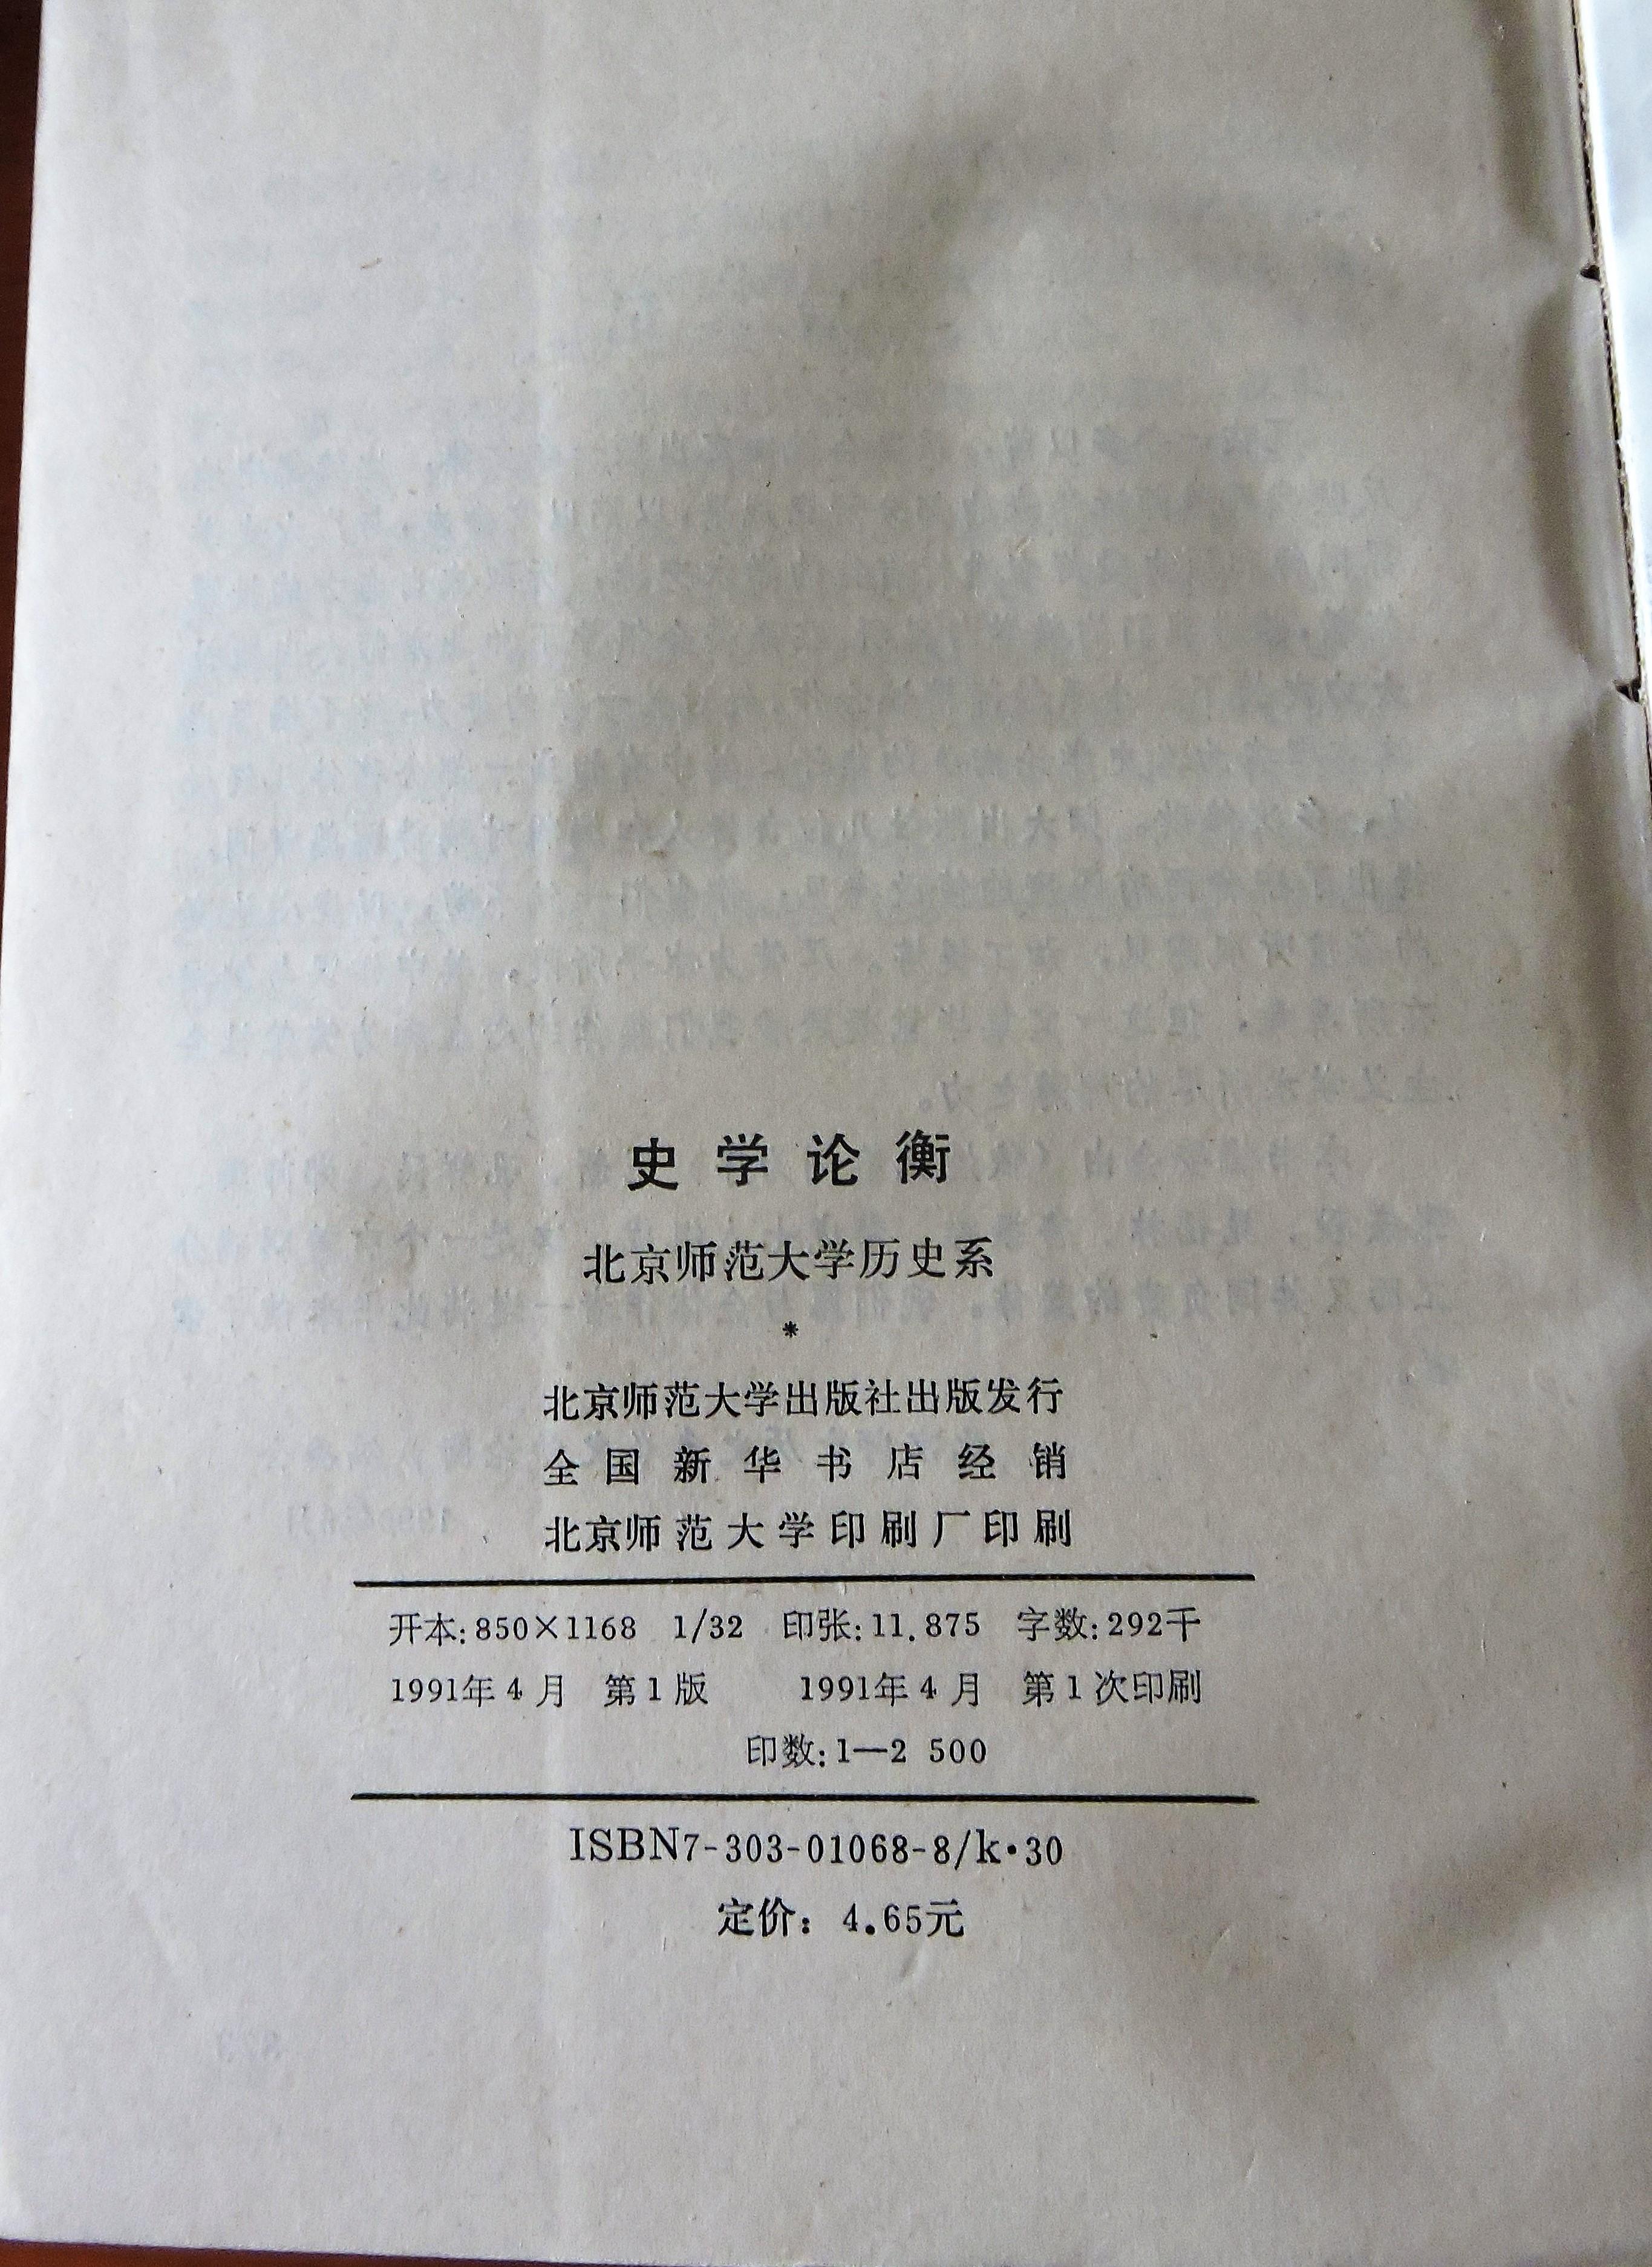 7 DSCN8390.jpg